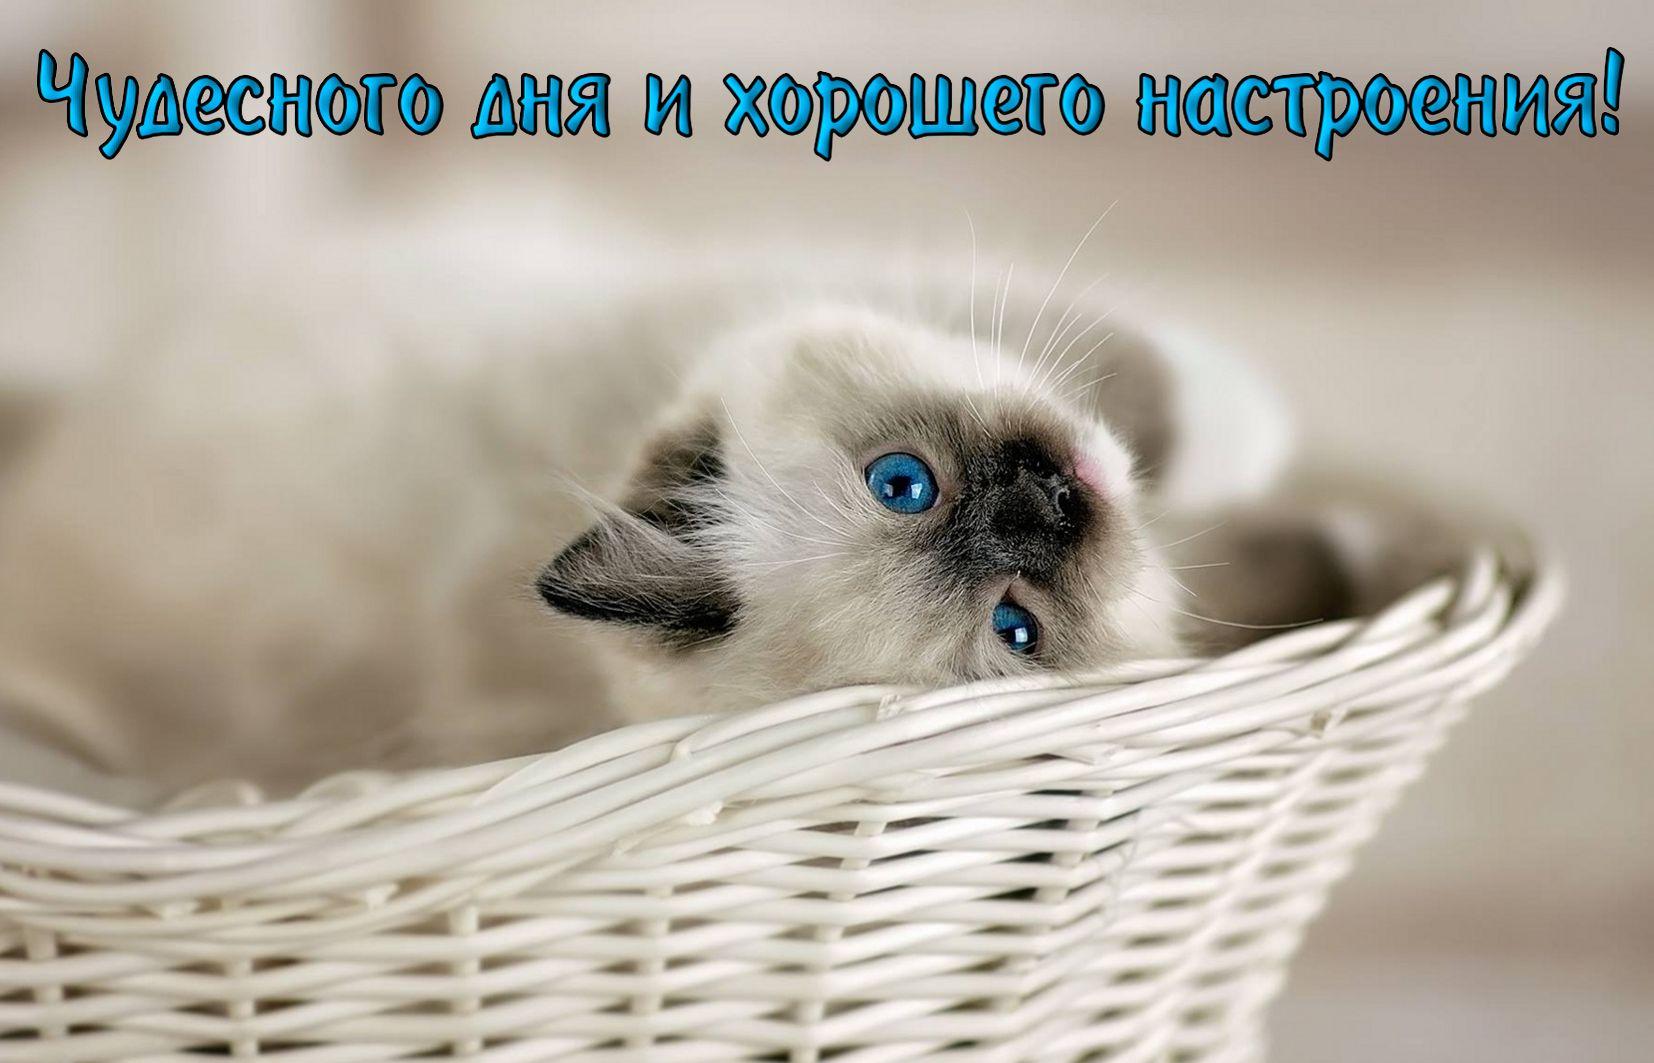 Милый котик желает хорошего настроения